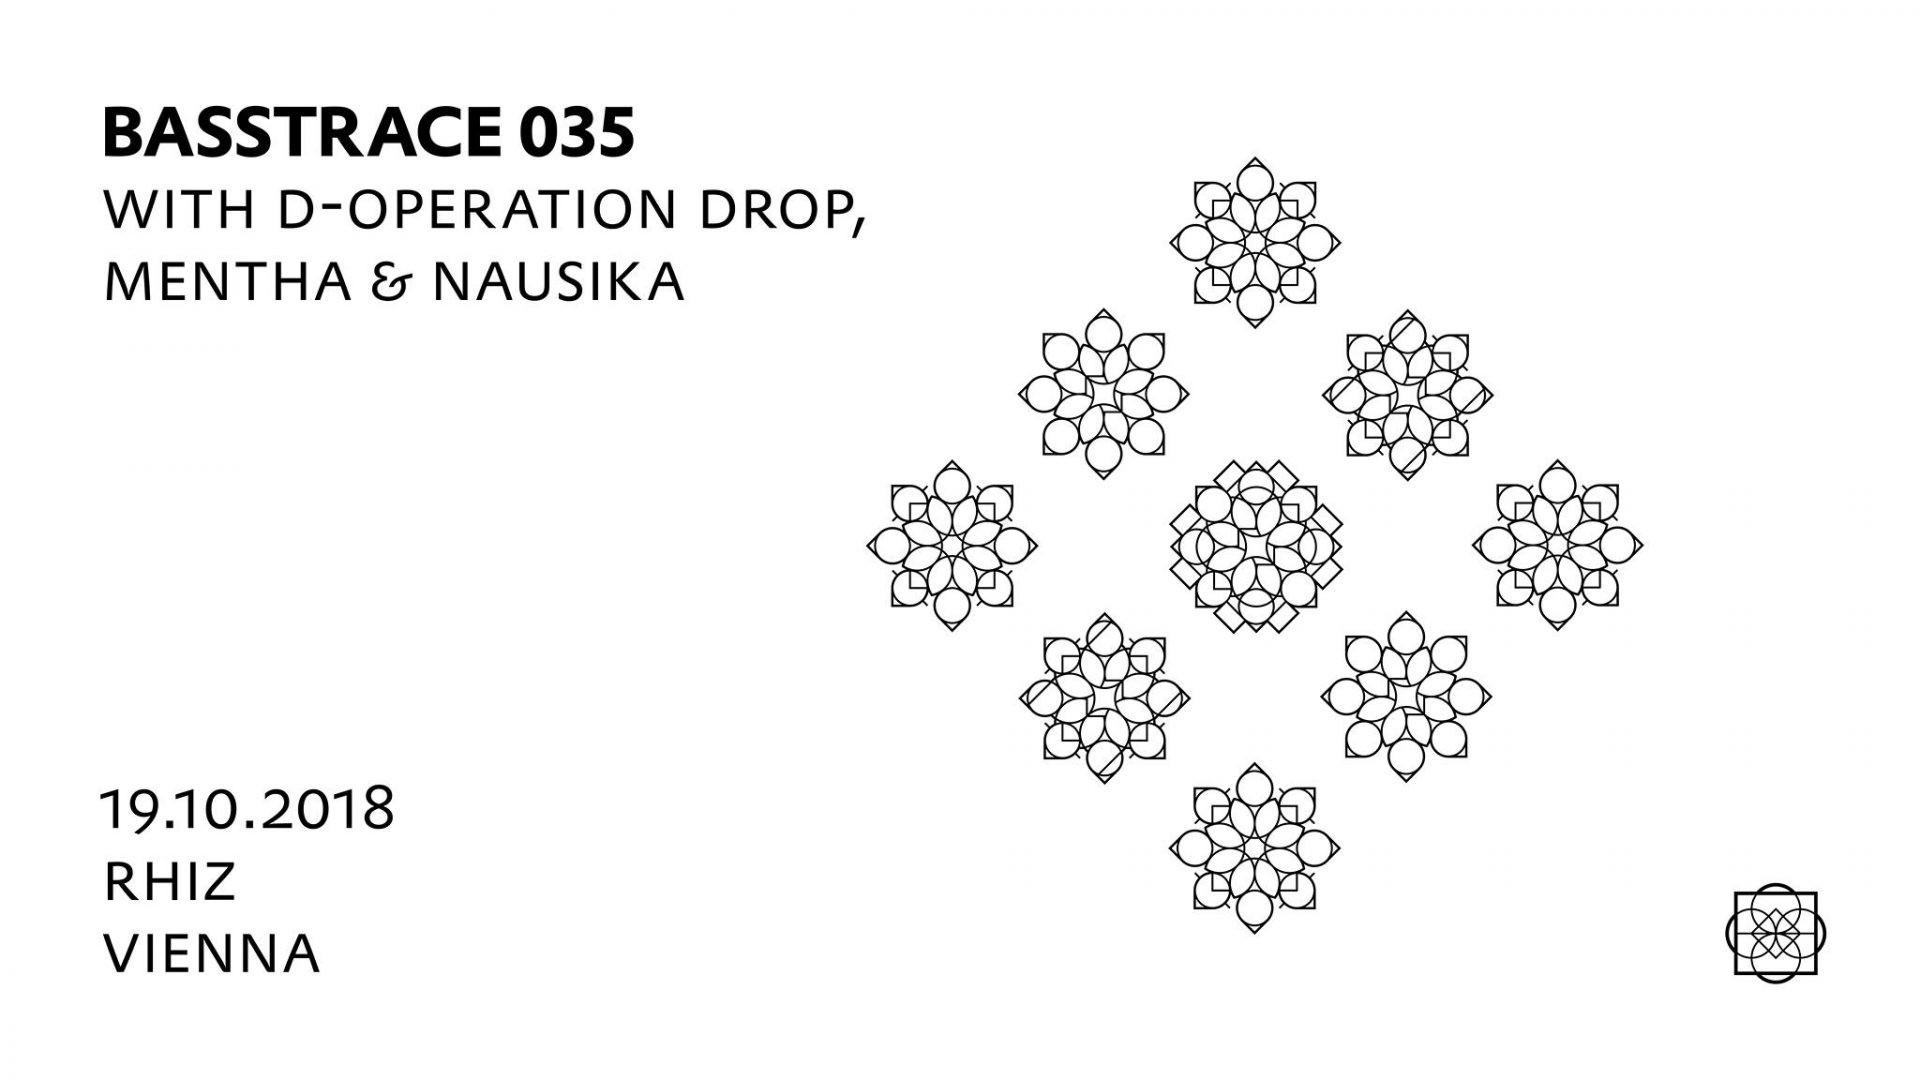 Basstrace 035 with D-Operation Drop, Mentha & Nausika am 19. October 2018 @ rhiz - bar modern.